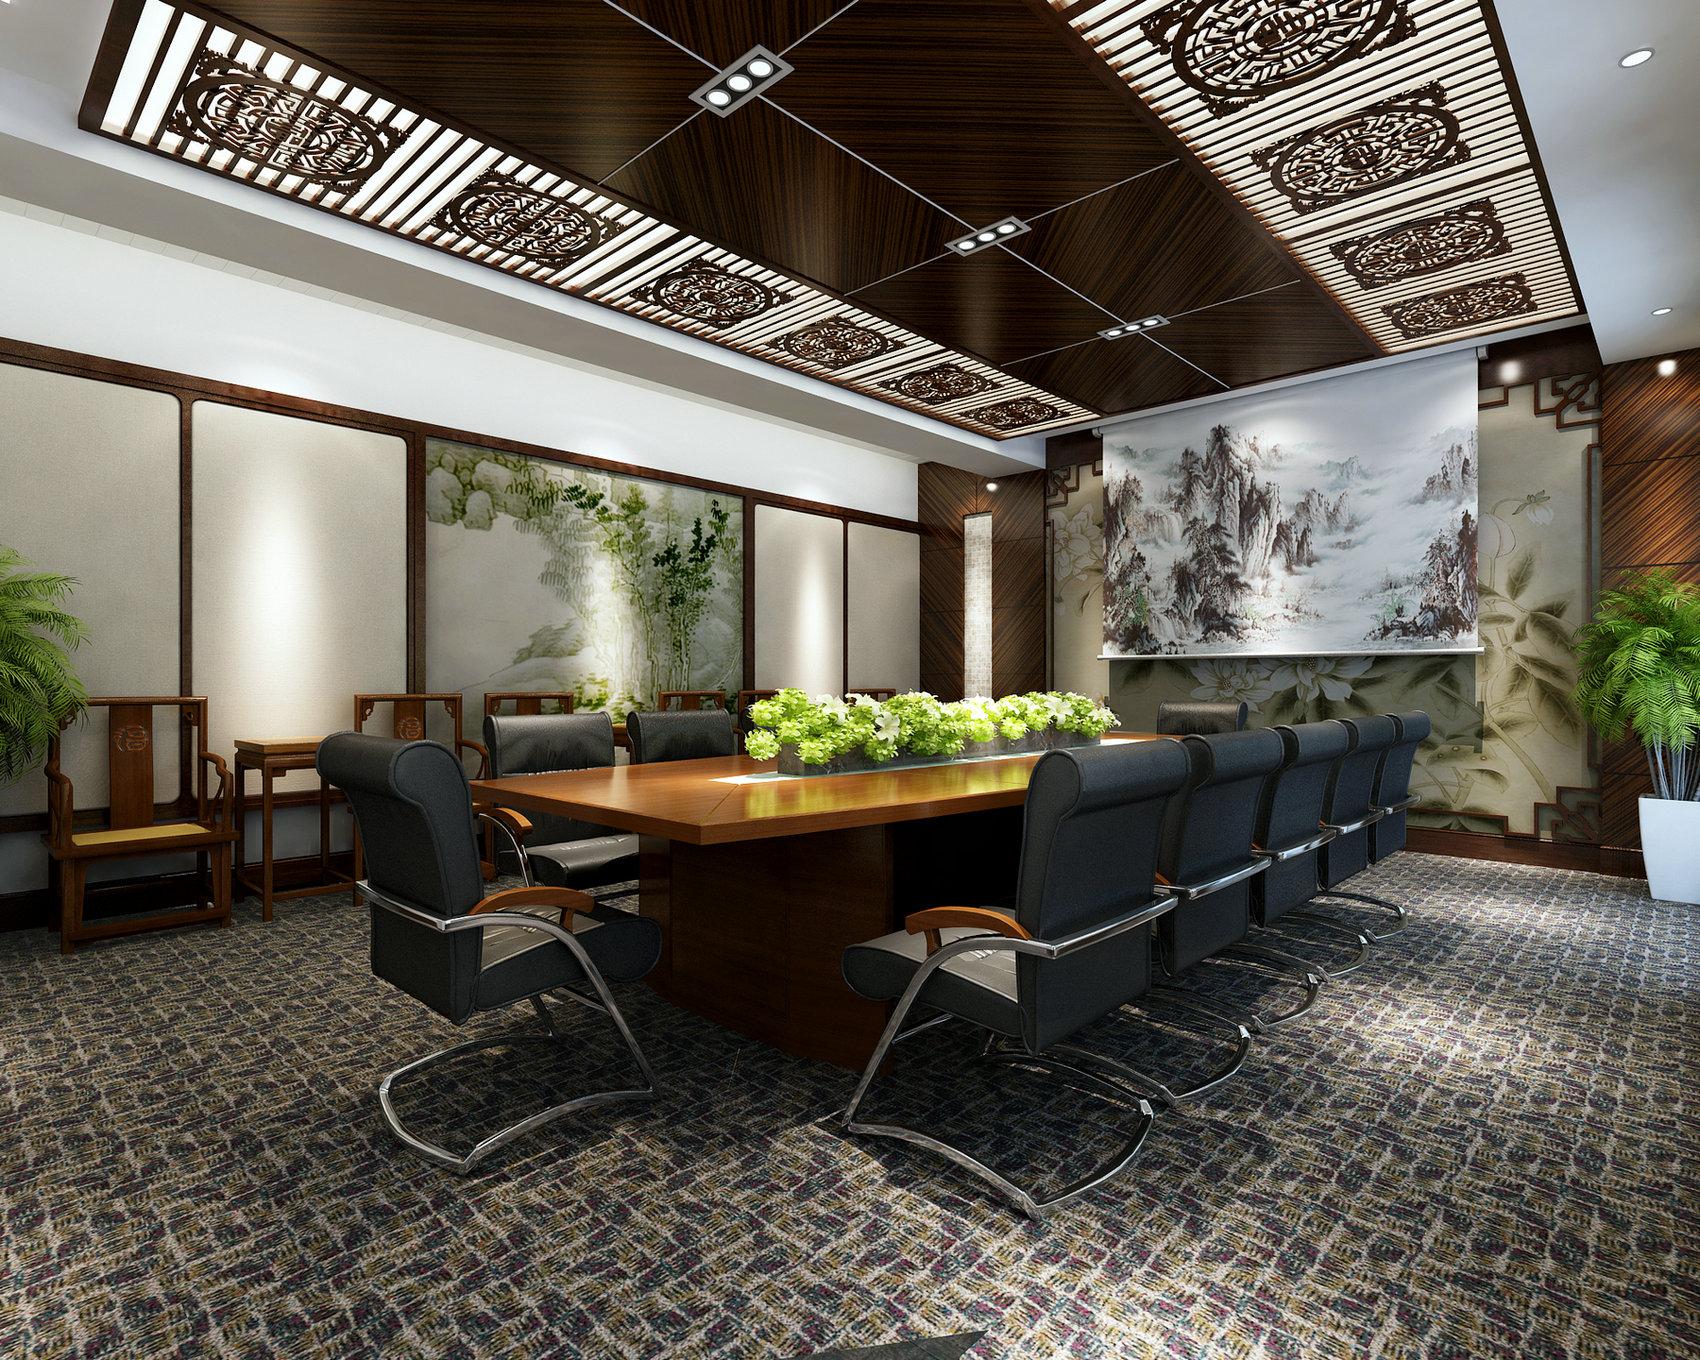 办公空间 现代风格 腾龙设计 书房图片来自孔继民在办公空间设计案例展示的分享